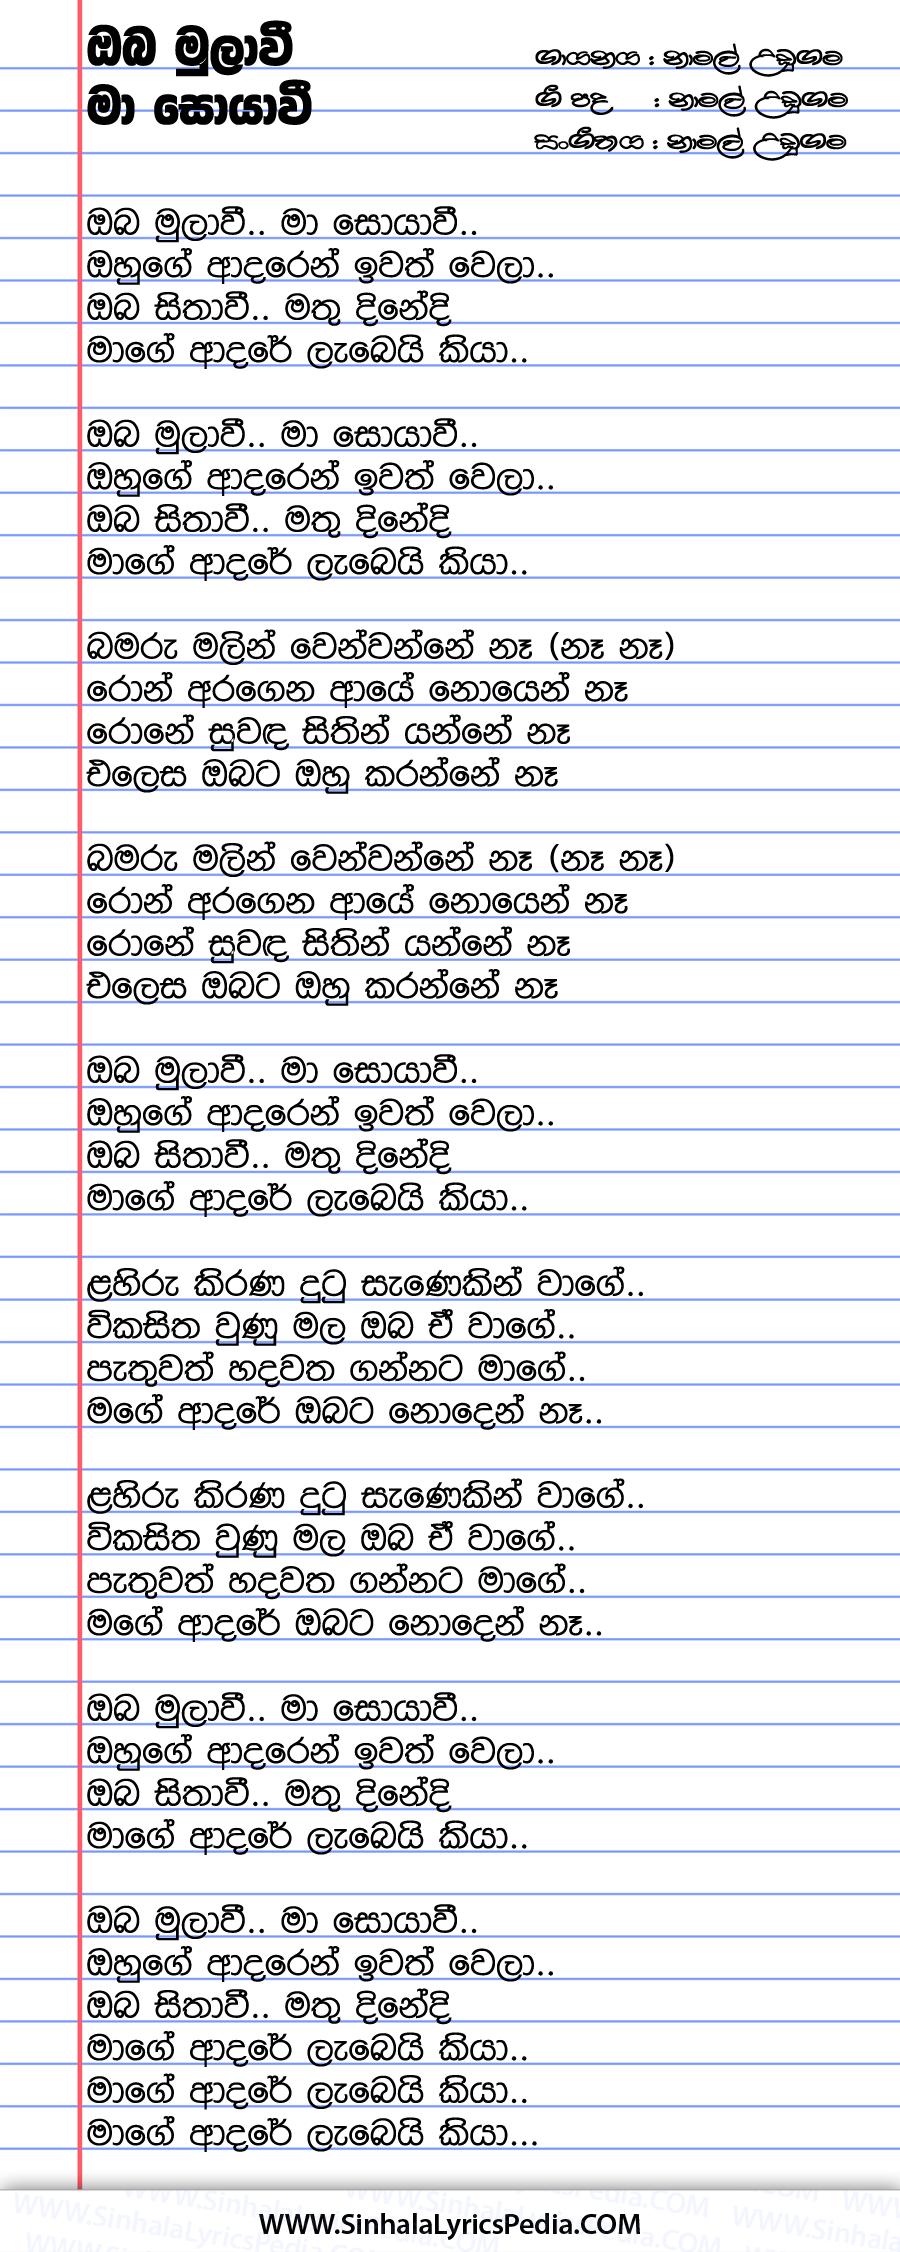 Oba Mulawee Ma Soya Wee Song Lyrics